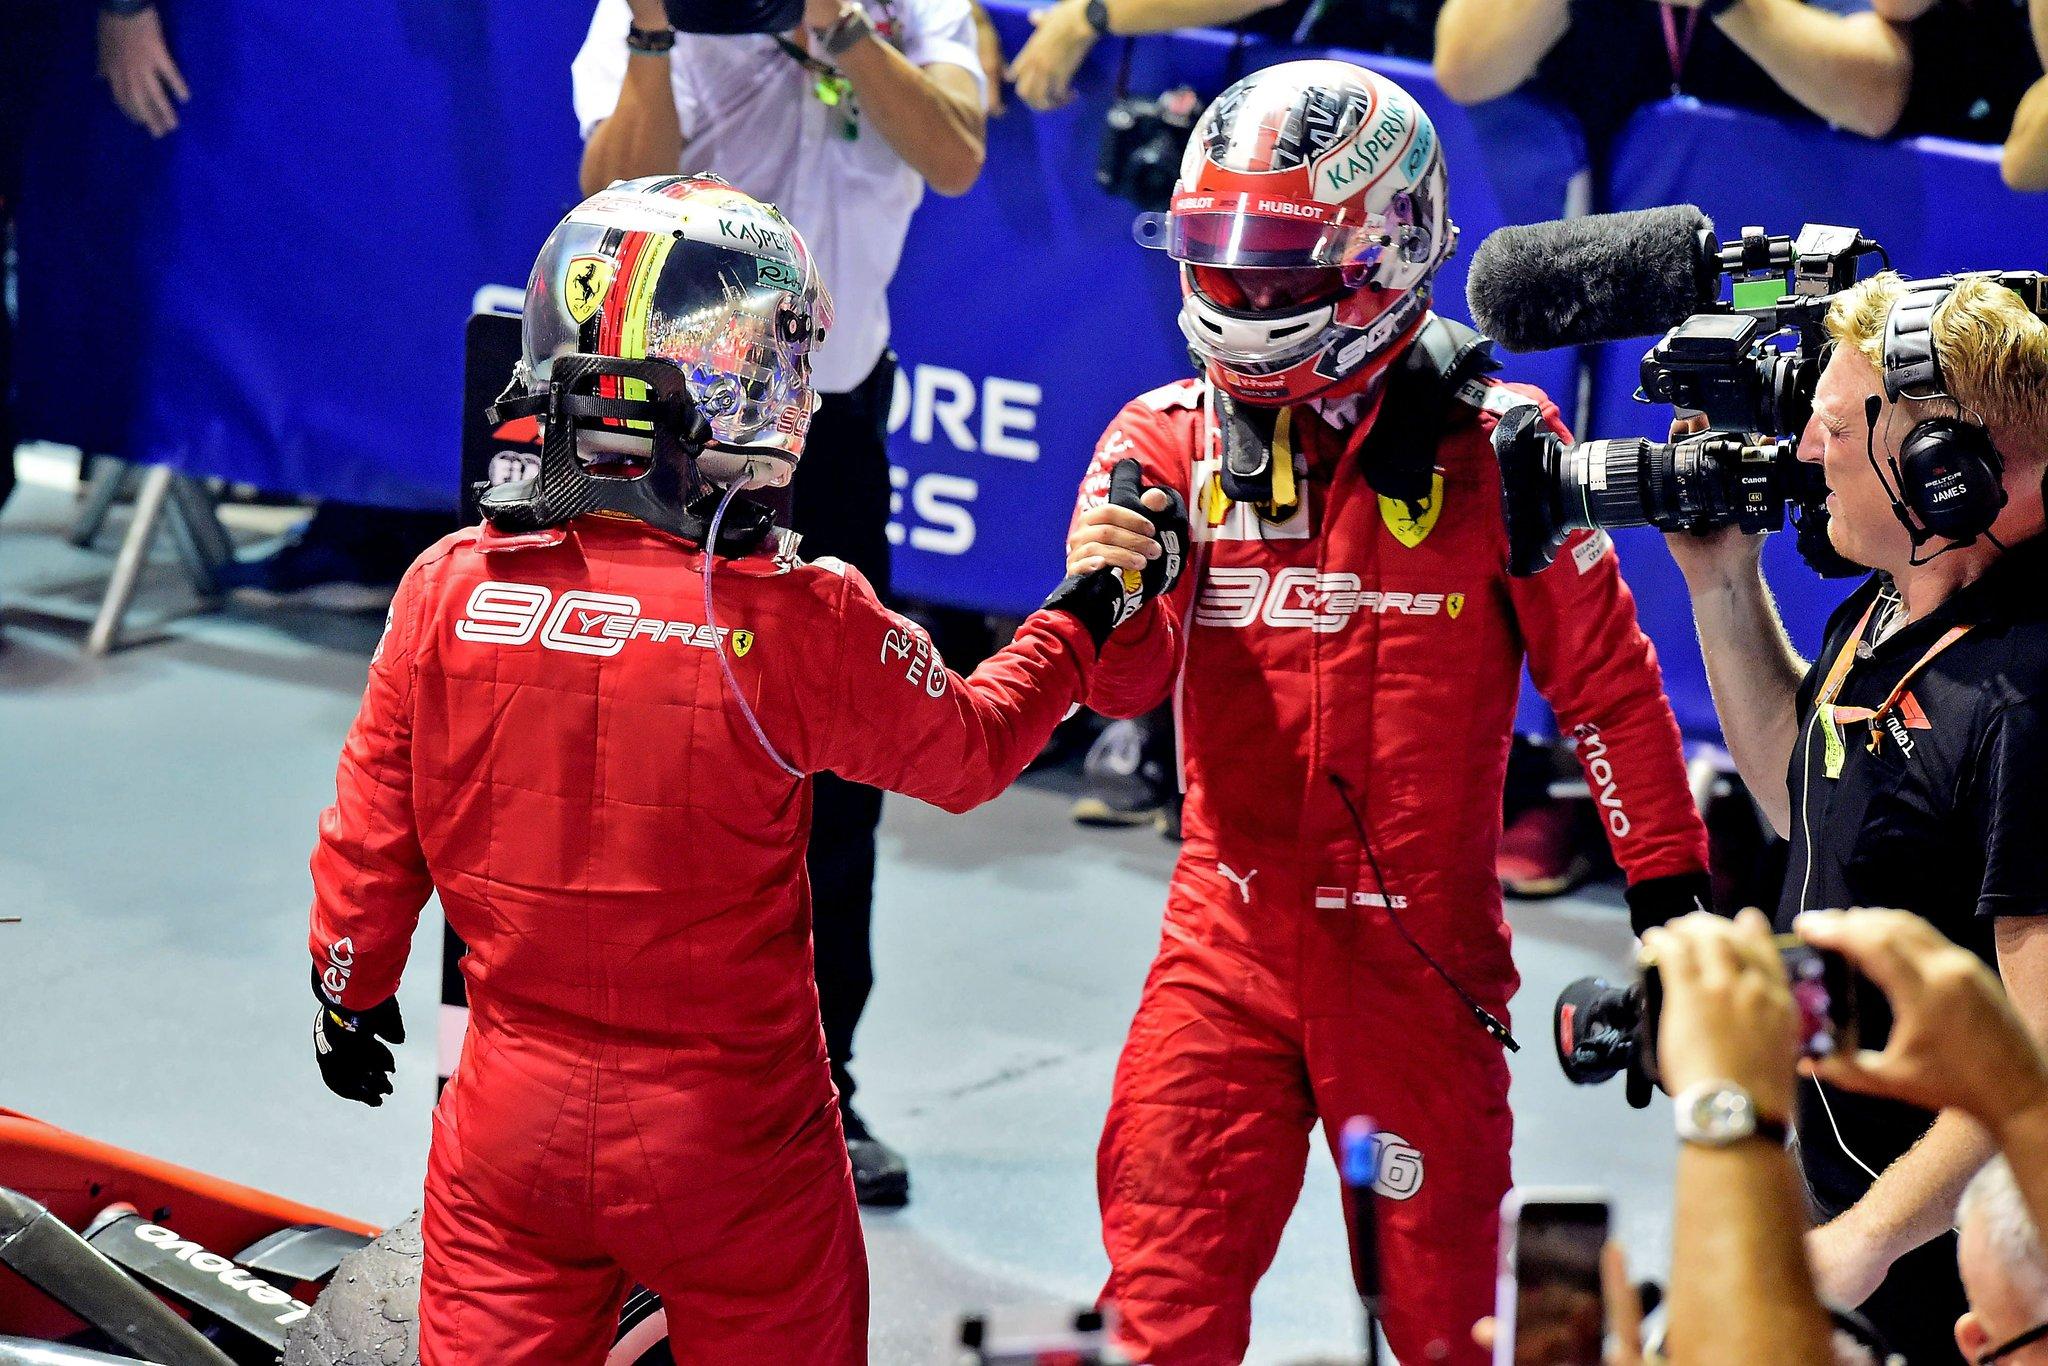 Première victoire de Vettel et premier doublé Ferrari de la saison